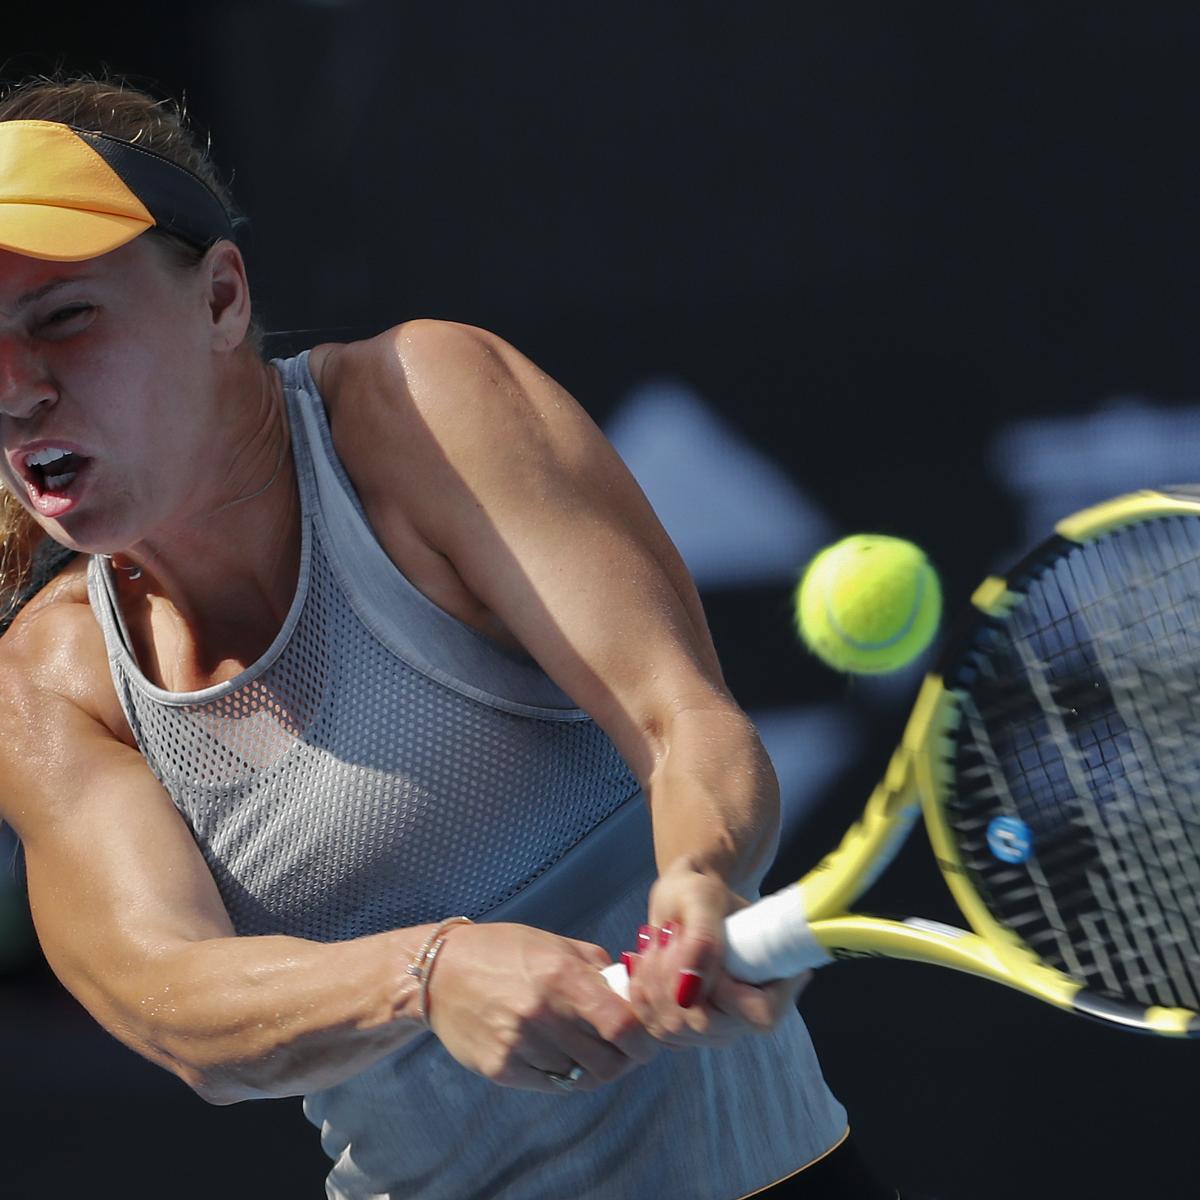 Former World No. 1 Caroline Wozniacki to Retire After 2020